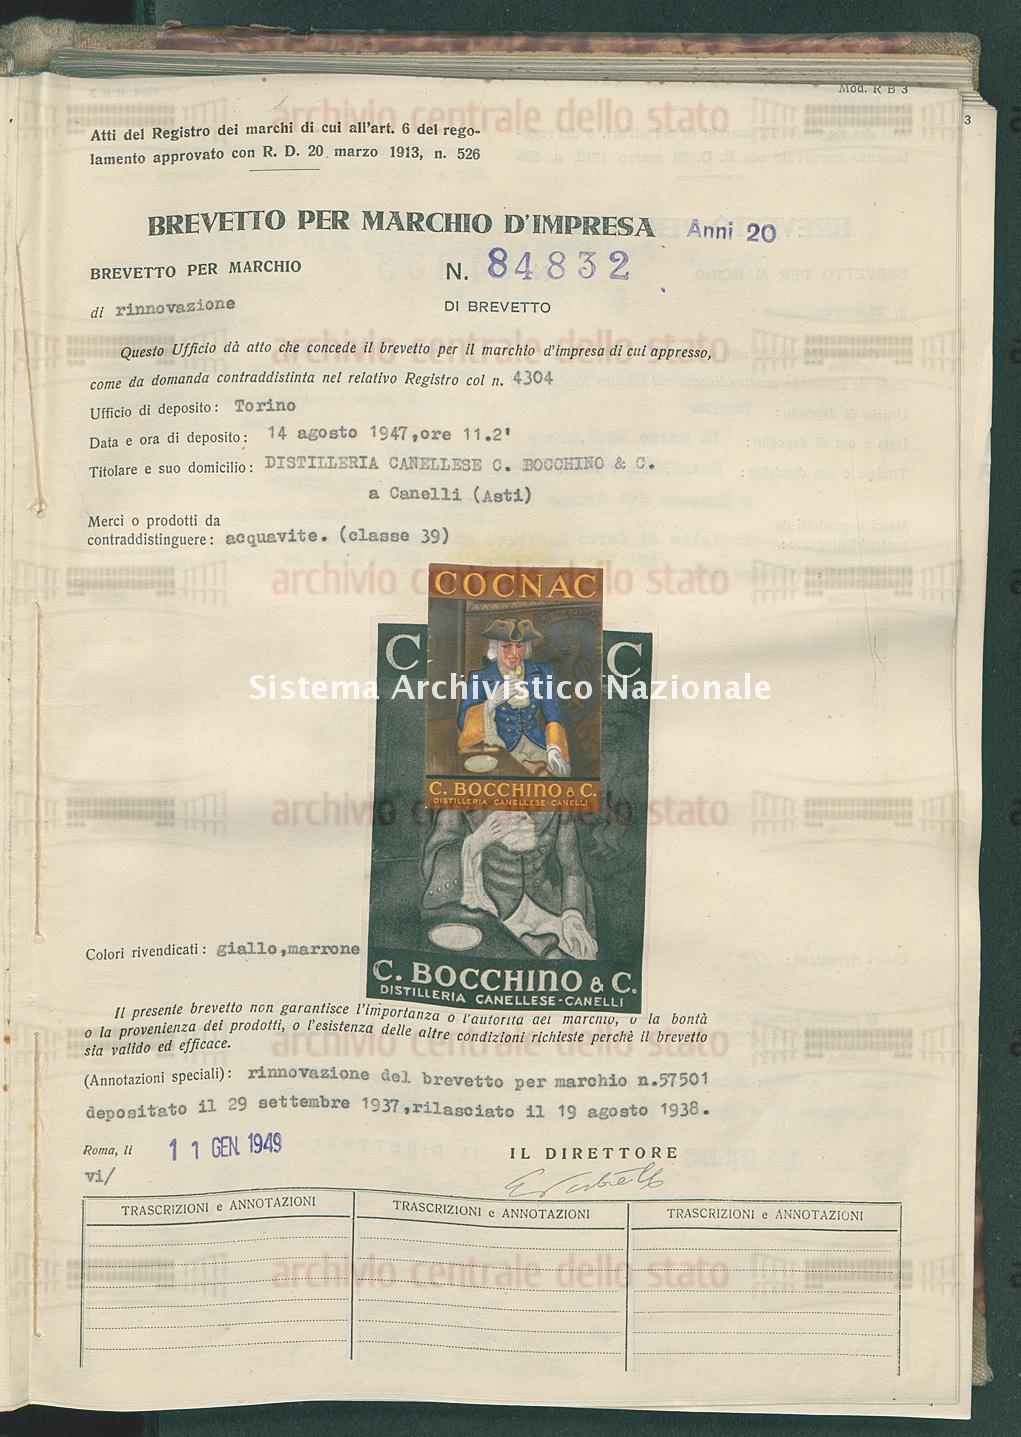 Acquavite Distilleria Canellese C. Bocchino & C. (11/01/1949)